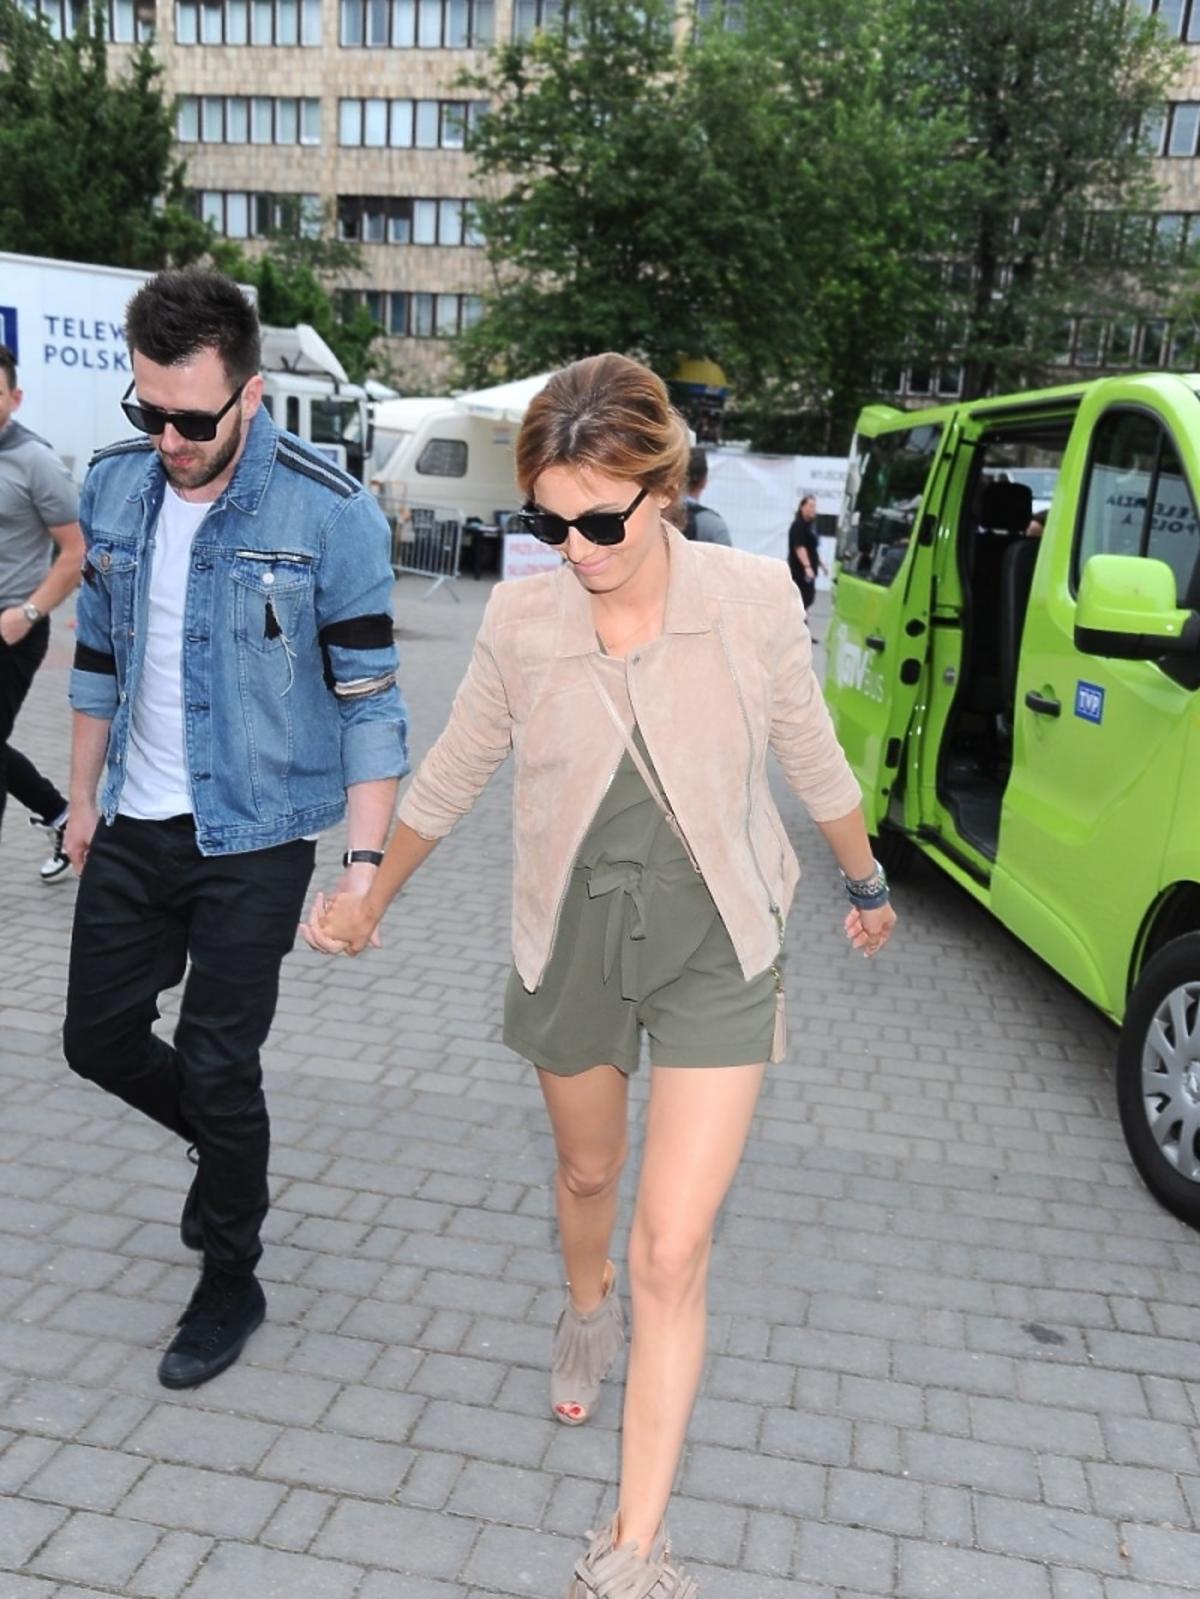 Grzegorz Hyży i Agnieszka Popielewicz na festiwalu w Opolu 2015